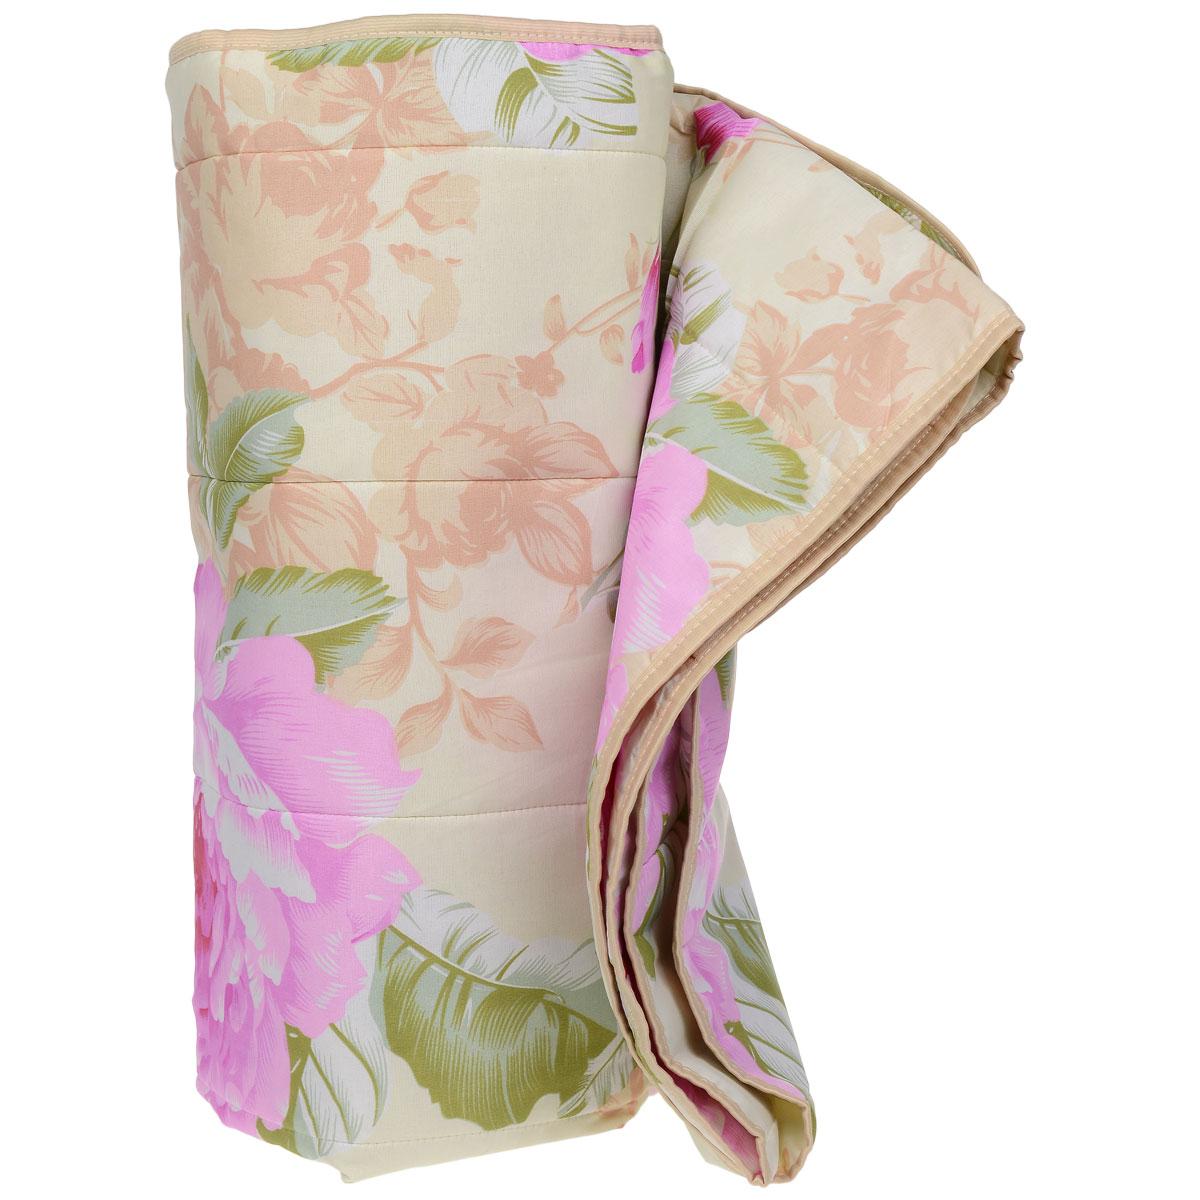 Одеяло летнее OL-Tex Miotex, наполнитель: полиэфирное волокно Holfiteks, цвет: зеленый, розовый, 172 х 205 смМХПЭ-18-1 бежевый, цветыЛегкое летнее одеяло OL-Tex Miotex создаст комфорт и уют во время сна. Чехол выполнен из полиэстера и оформлен красочным цветочным рисунком. Внутри - современный наполнитель из полиэфирного высокосиликонизированного волокна Holfiteks, упругий и качественный. Прекрасно держит тепло. Одеяло с наполнителем Holfiteks легкое и комфортное. Даже после многократных стирок не теряет свою форму, наполнитель не сбивается, так как одеяло простегано и окантовано. Не вызывает аллергии. Holfiteks - это возможность легко ухаживать за своими постельными принадлежностями. Можно стирать в машинке, изделия быстро и полностью высыхают - это обеспечивает гигиену спального места при невысокой цене на продукцию. Рекомендации по уходу: - Ручная и машинная стирка при температуре 30°С. - Не гладить. - Не отбеливать. - Нельзя отжимать и сушить в стиральной машине. - Сушить вертикально. Размер одеяла: 172 см х 205 см. Материал чехла: 100% полиэстер. ...